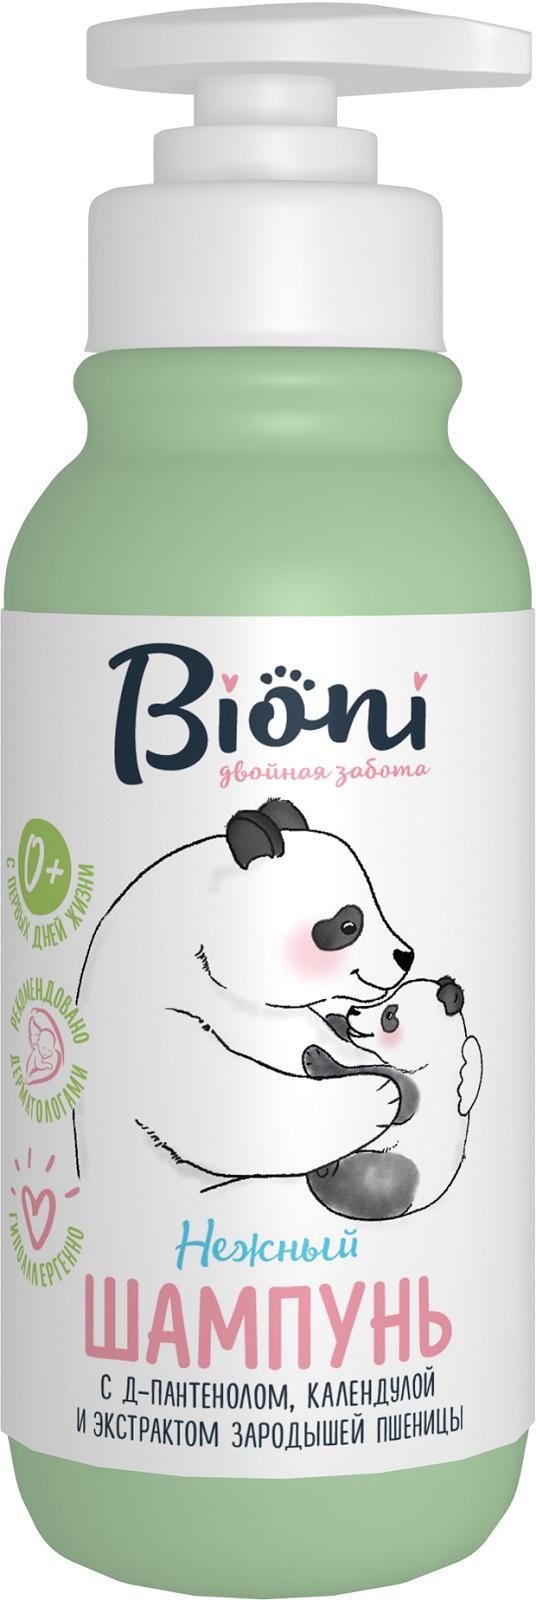 Нежный шампунь для младенцев Bioni с календулой и экстрактом зародышей пшеницы, 250 мл